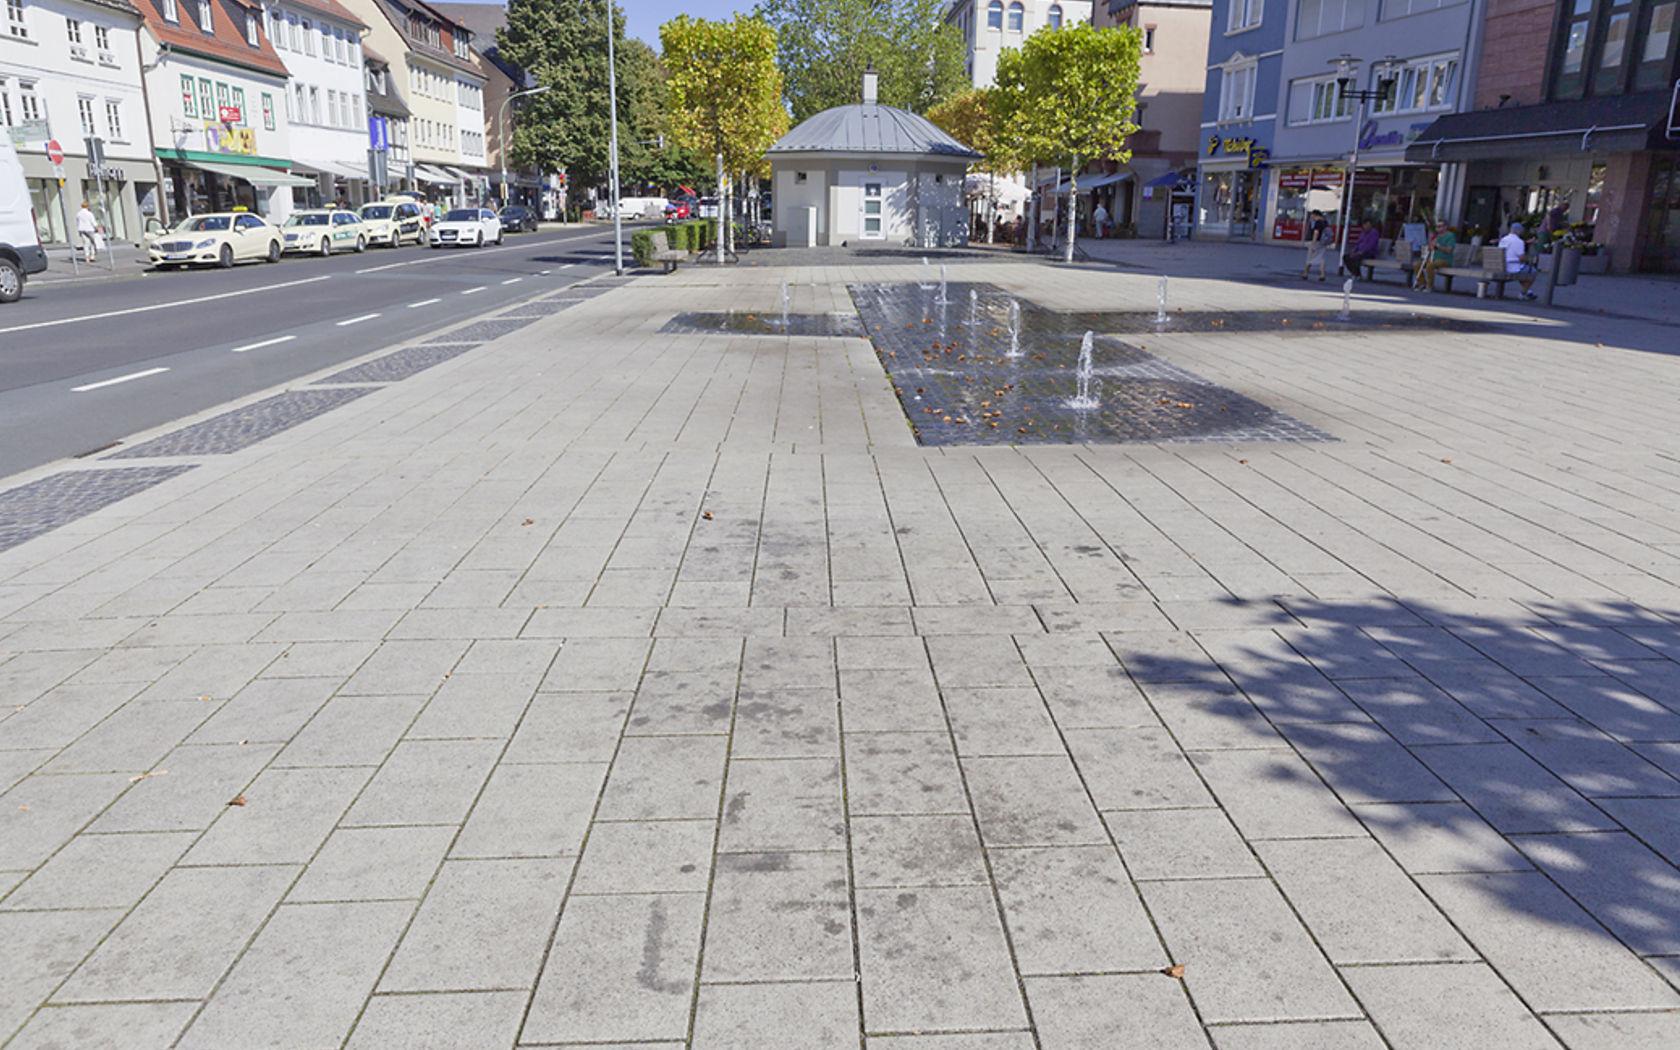 Kaugummiflecken und andere Verschmutzungen auf dem Platz mit Brunnenanlage.